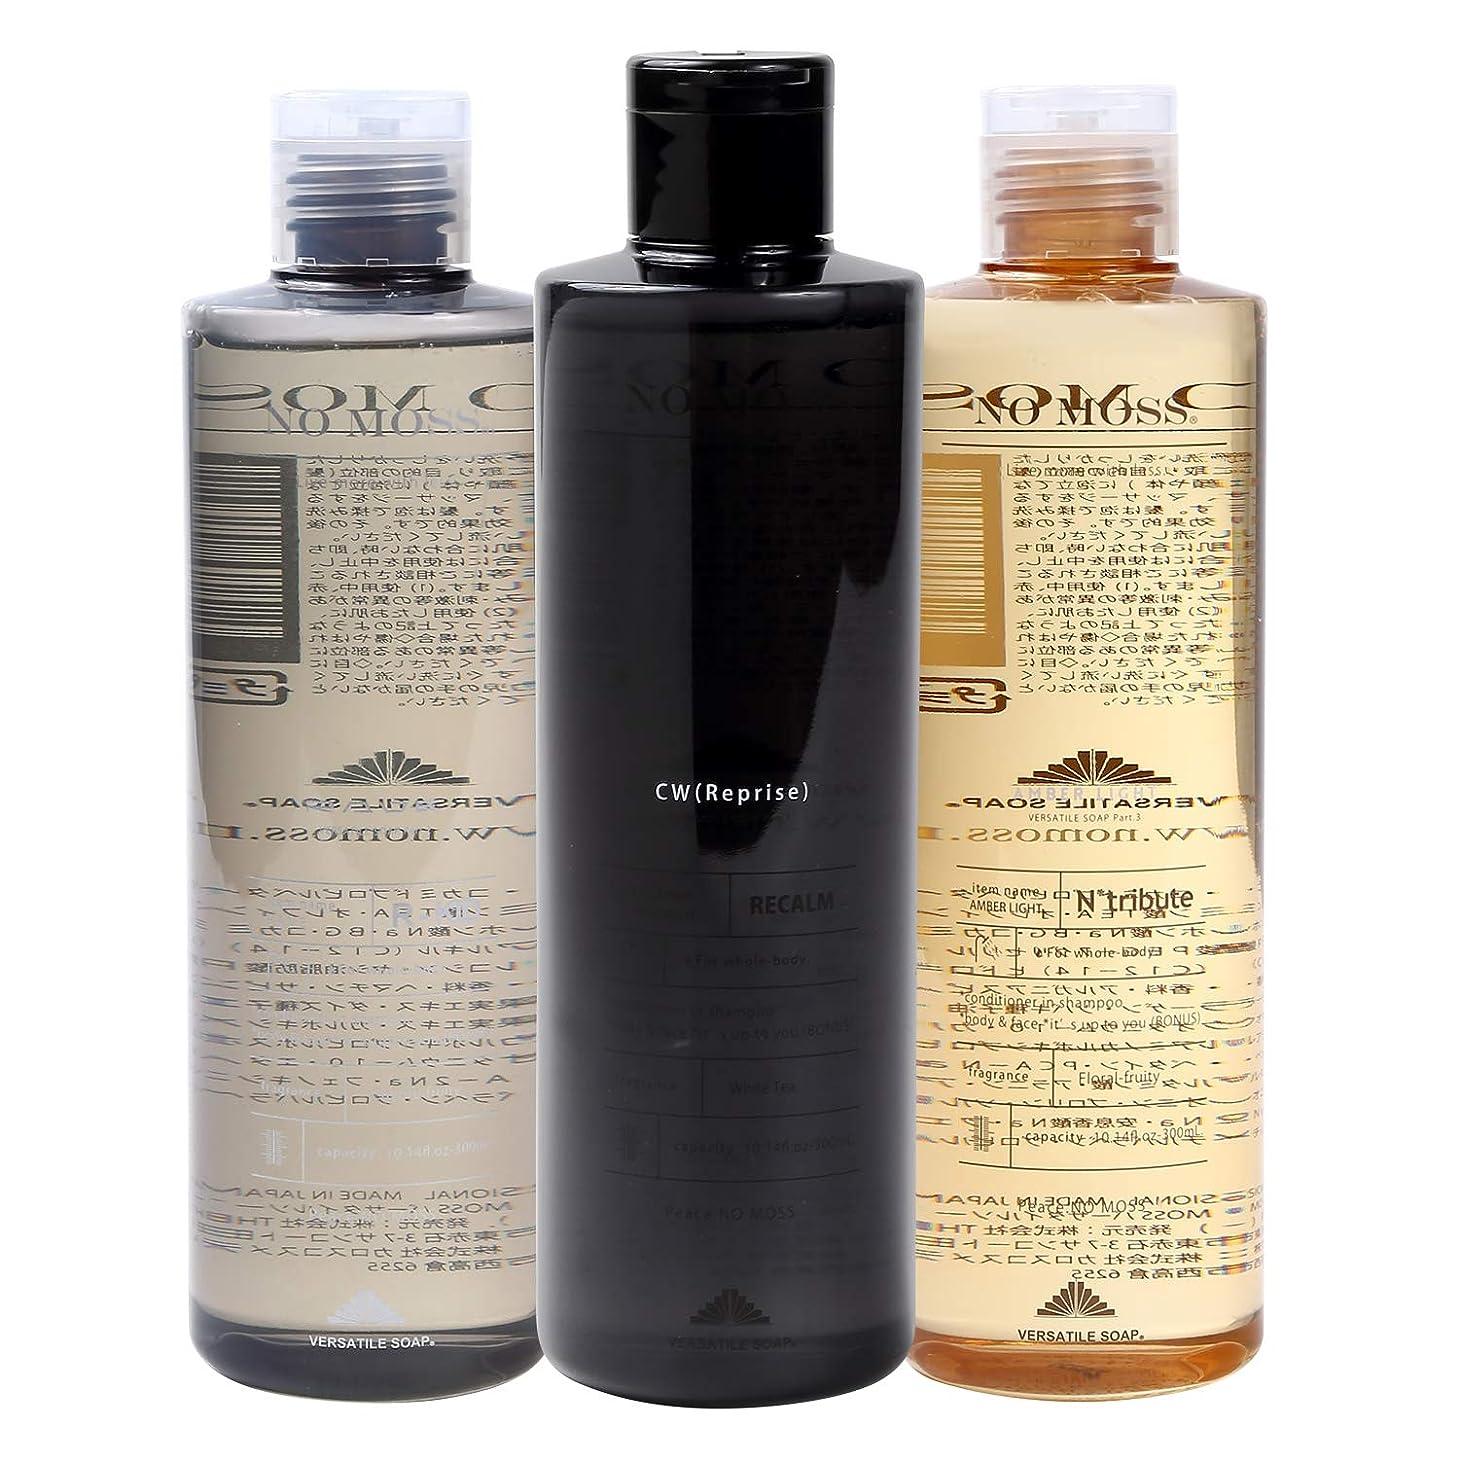 洗剤スローマットNO MOSS VERSATILE SOAP(ノーモス バーサタイル ソープ) 300ml FULLセット